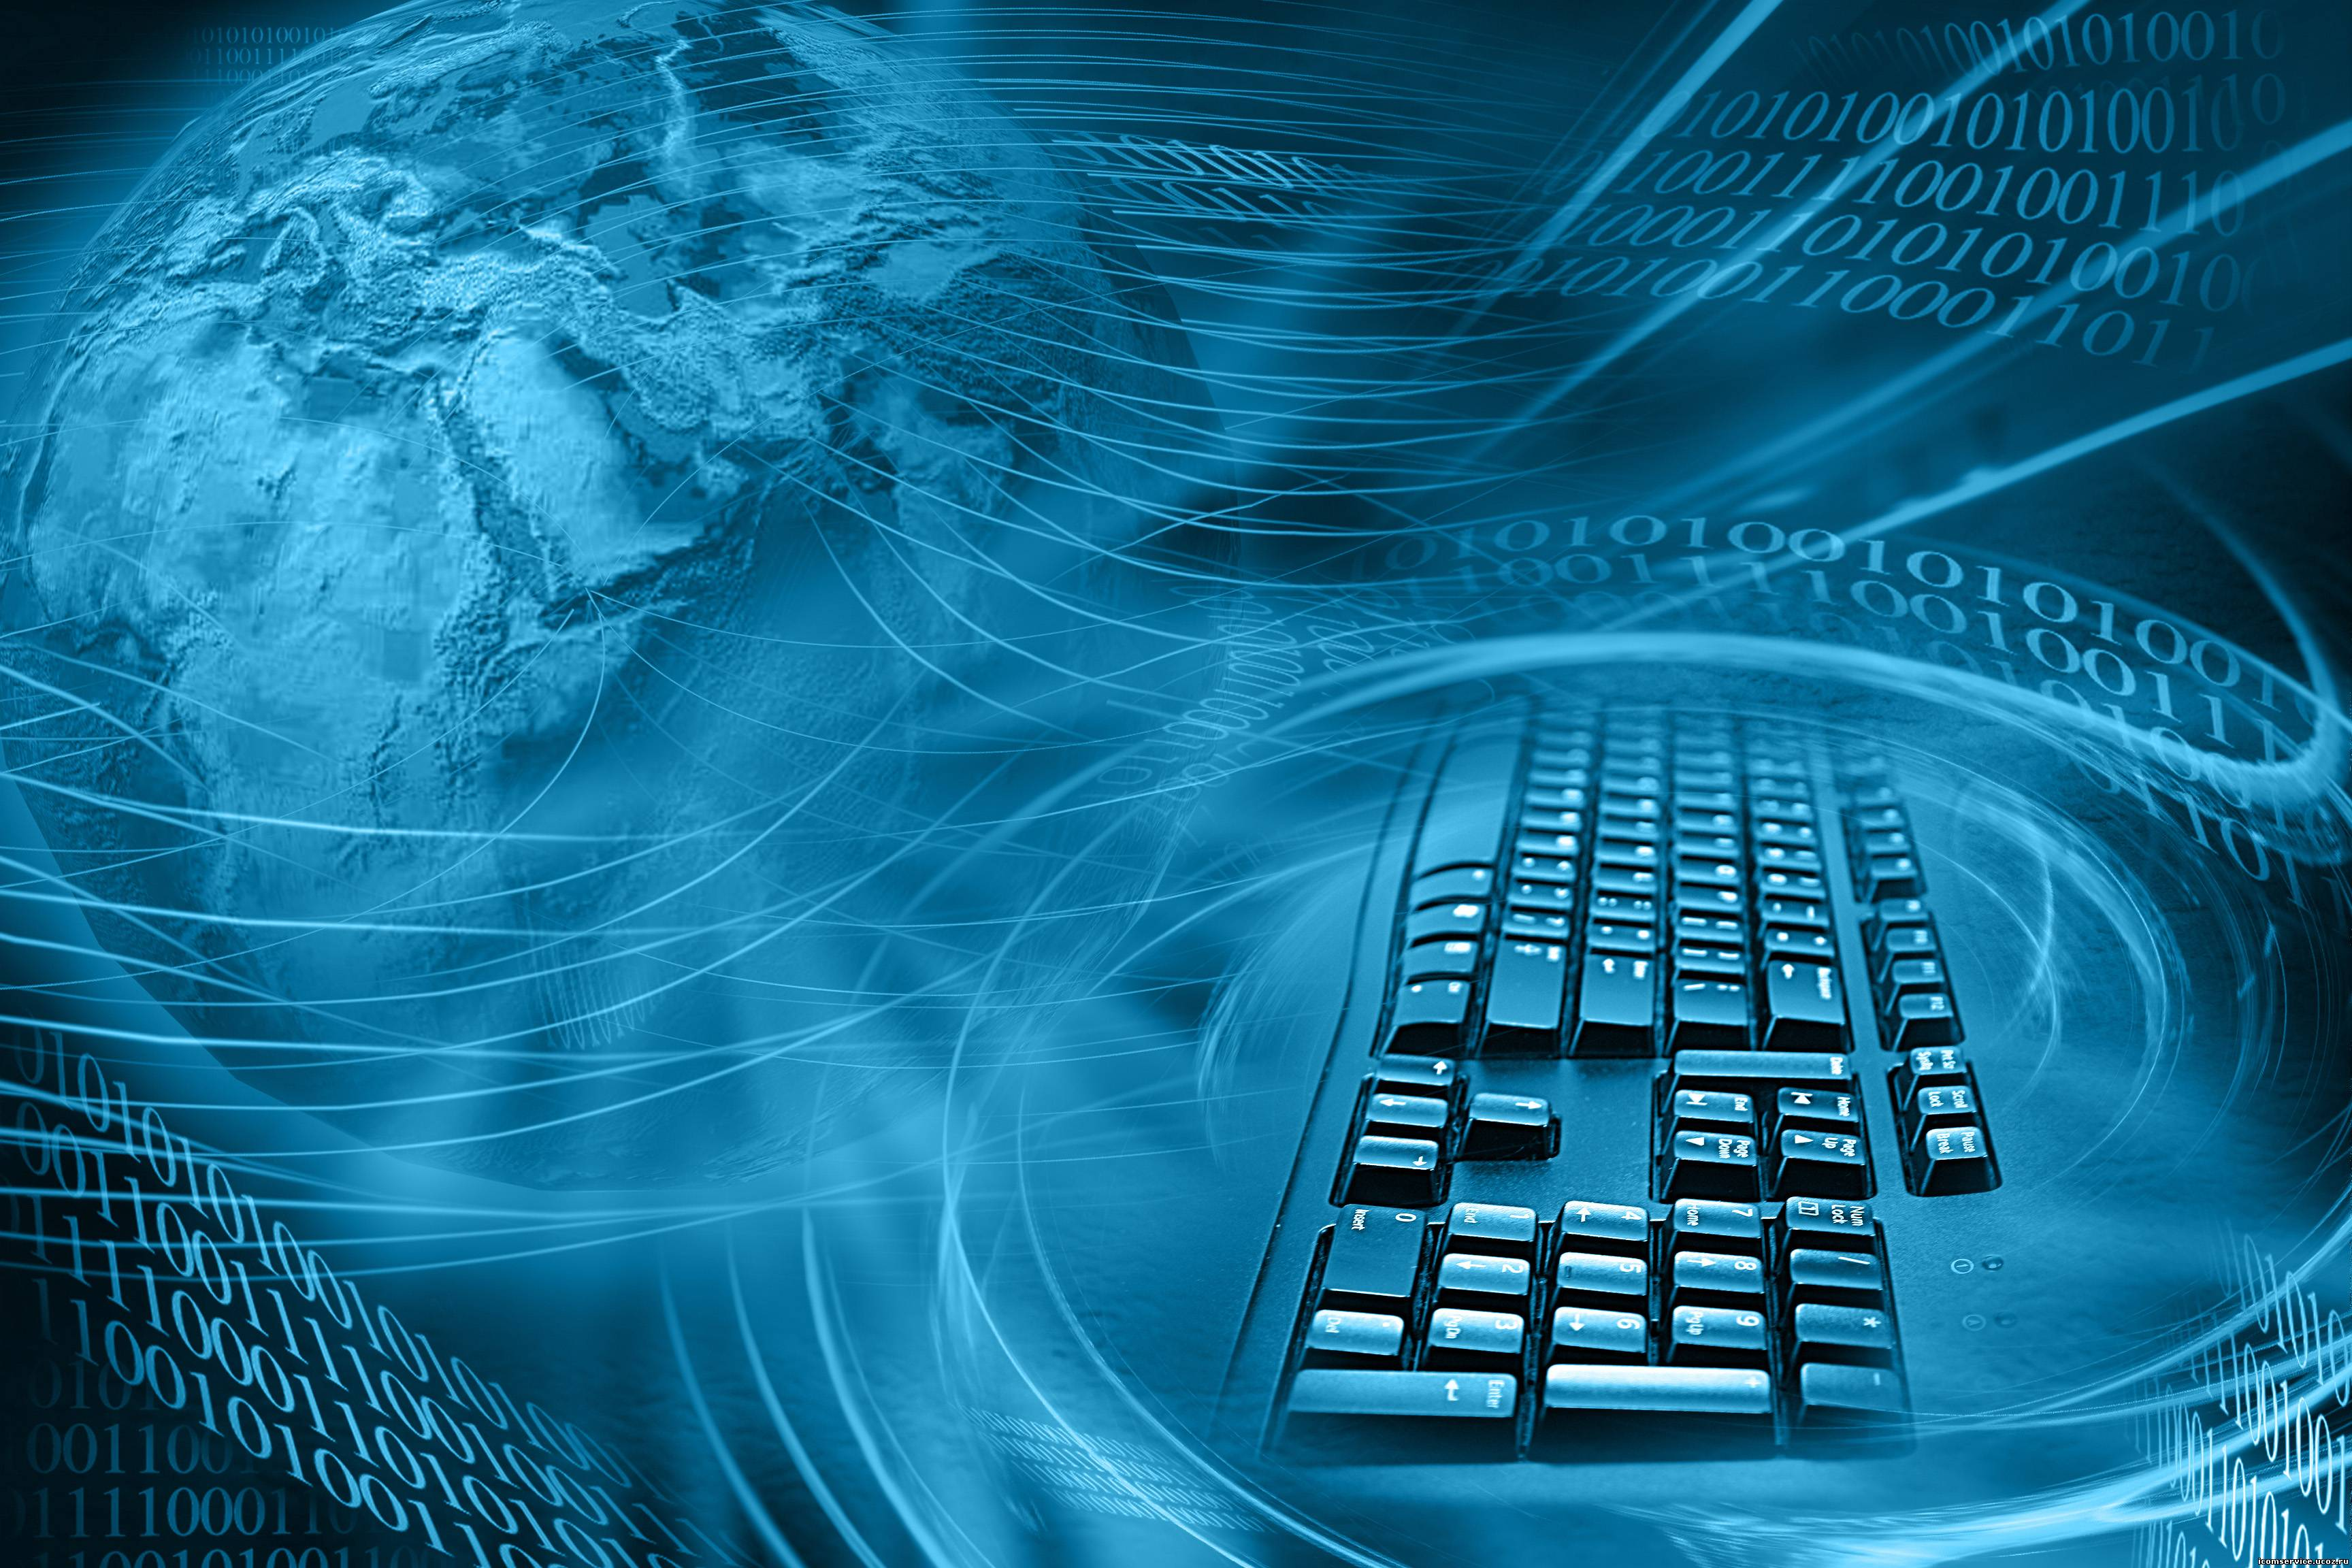 уютное картинки о компьютерных технологиях турецкую землю